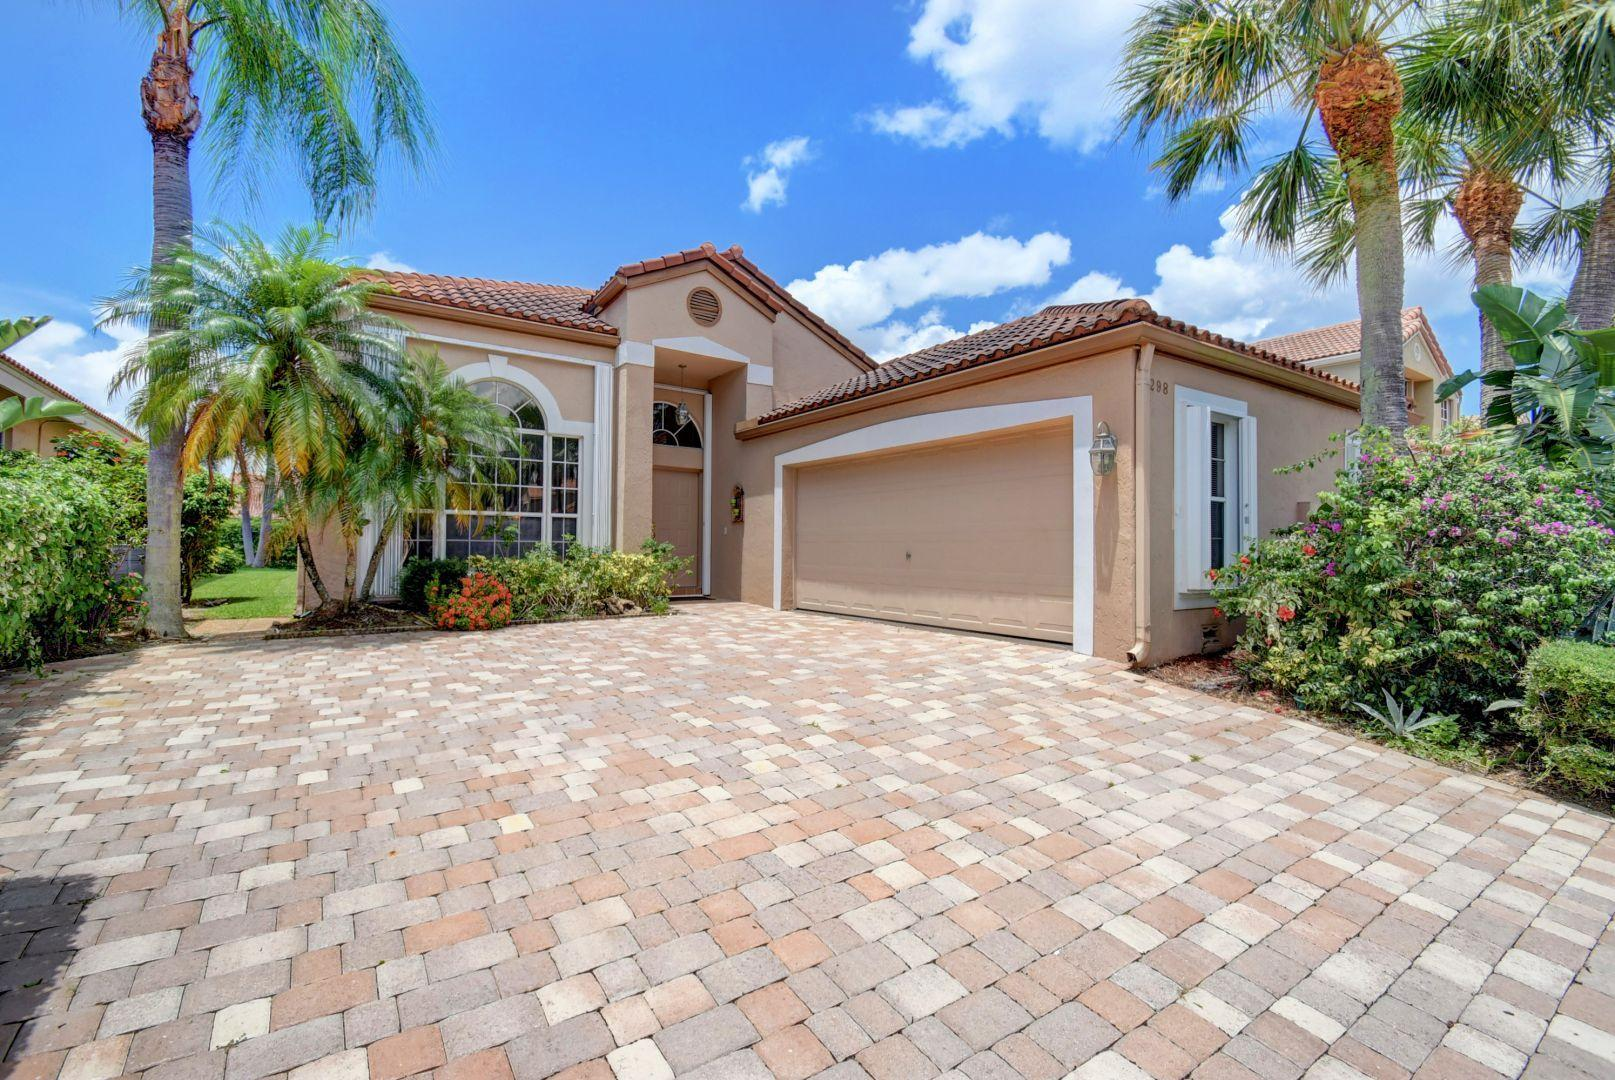 6298 Via Palladium Boca Raton, FL 33433